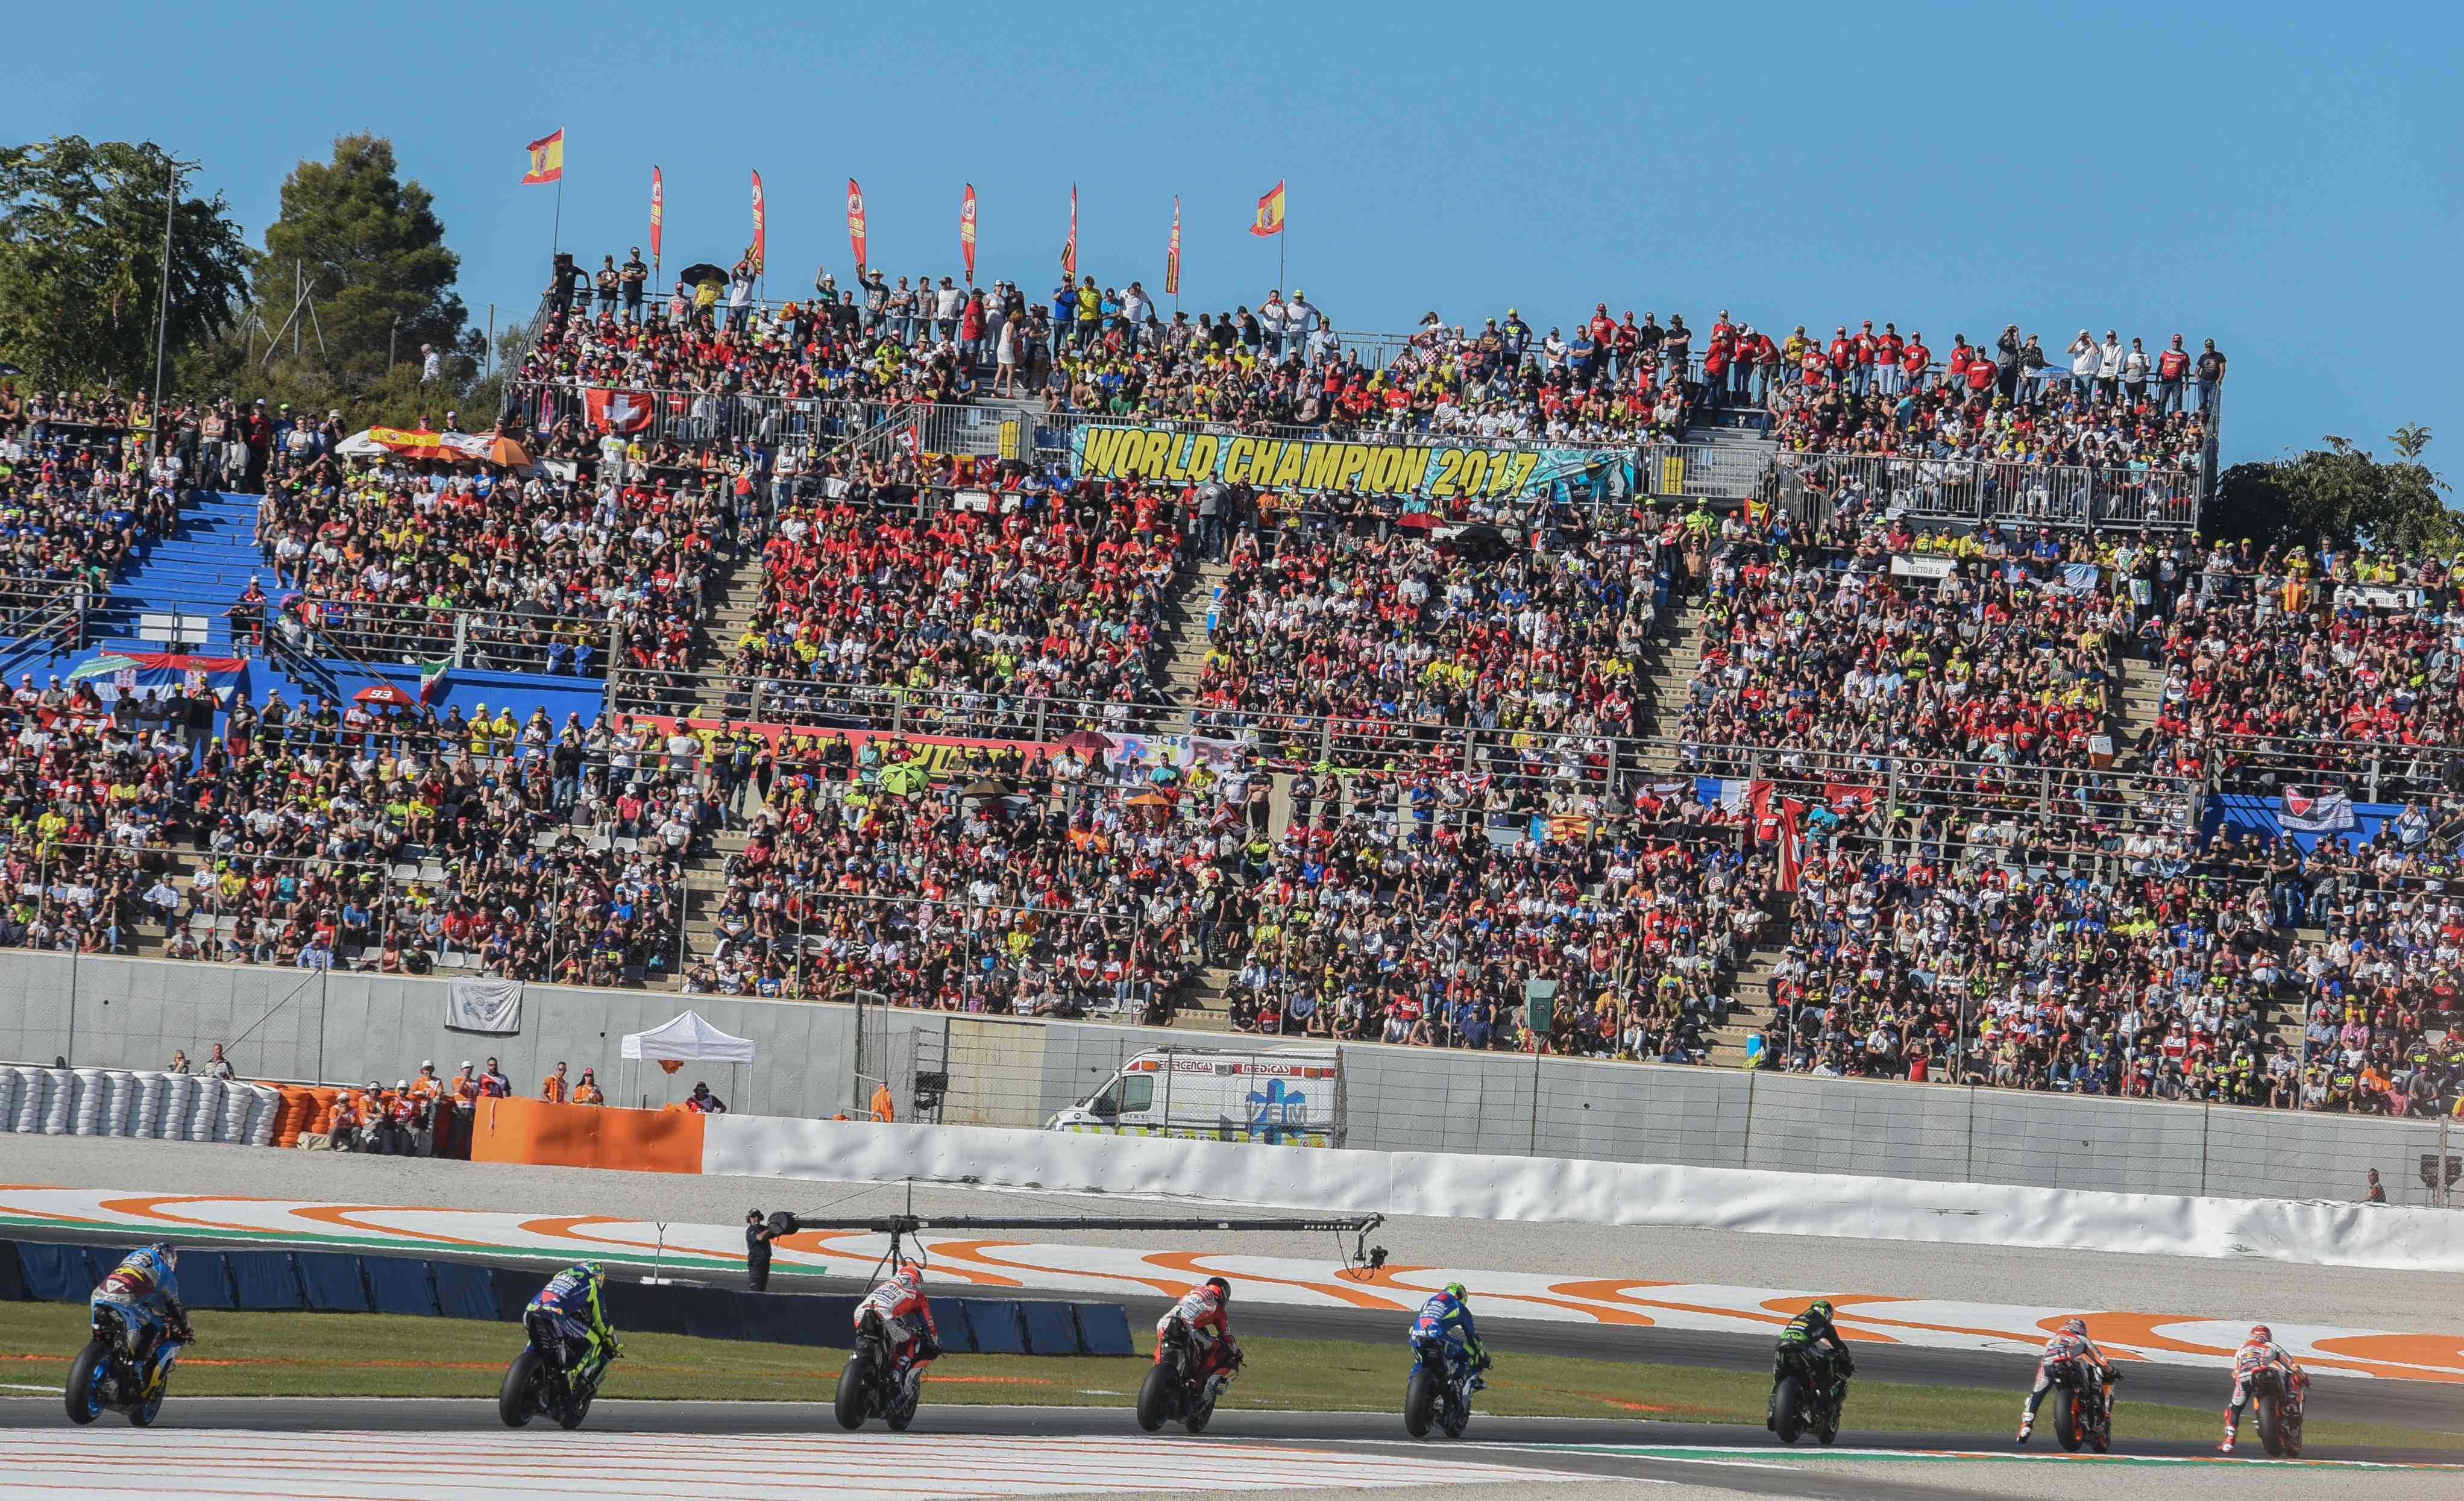 El circuito realizará ampliaciones en las tribunas naranja, azul, verde y roja y se construirá, como es habitual, la tribuna de recta.